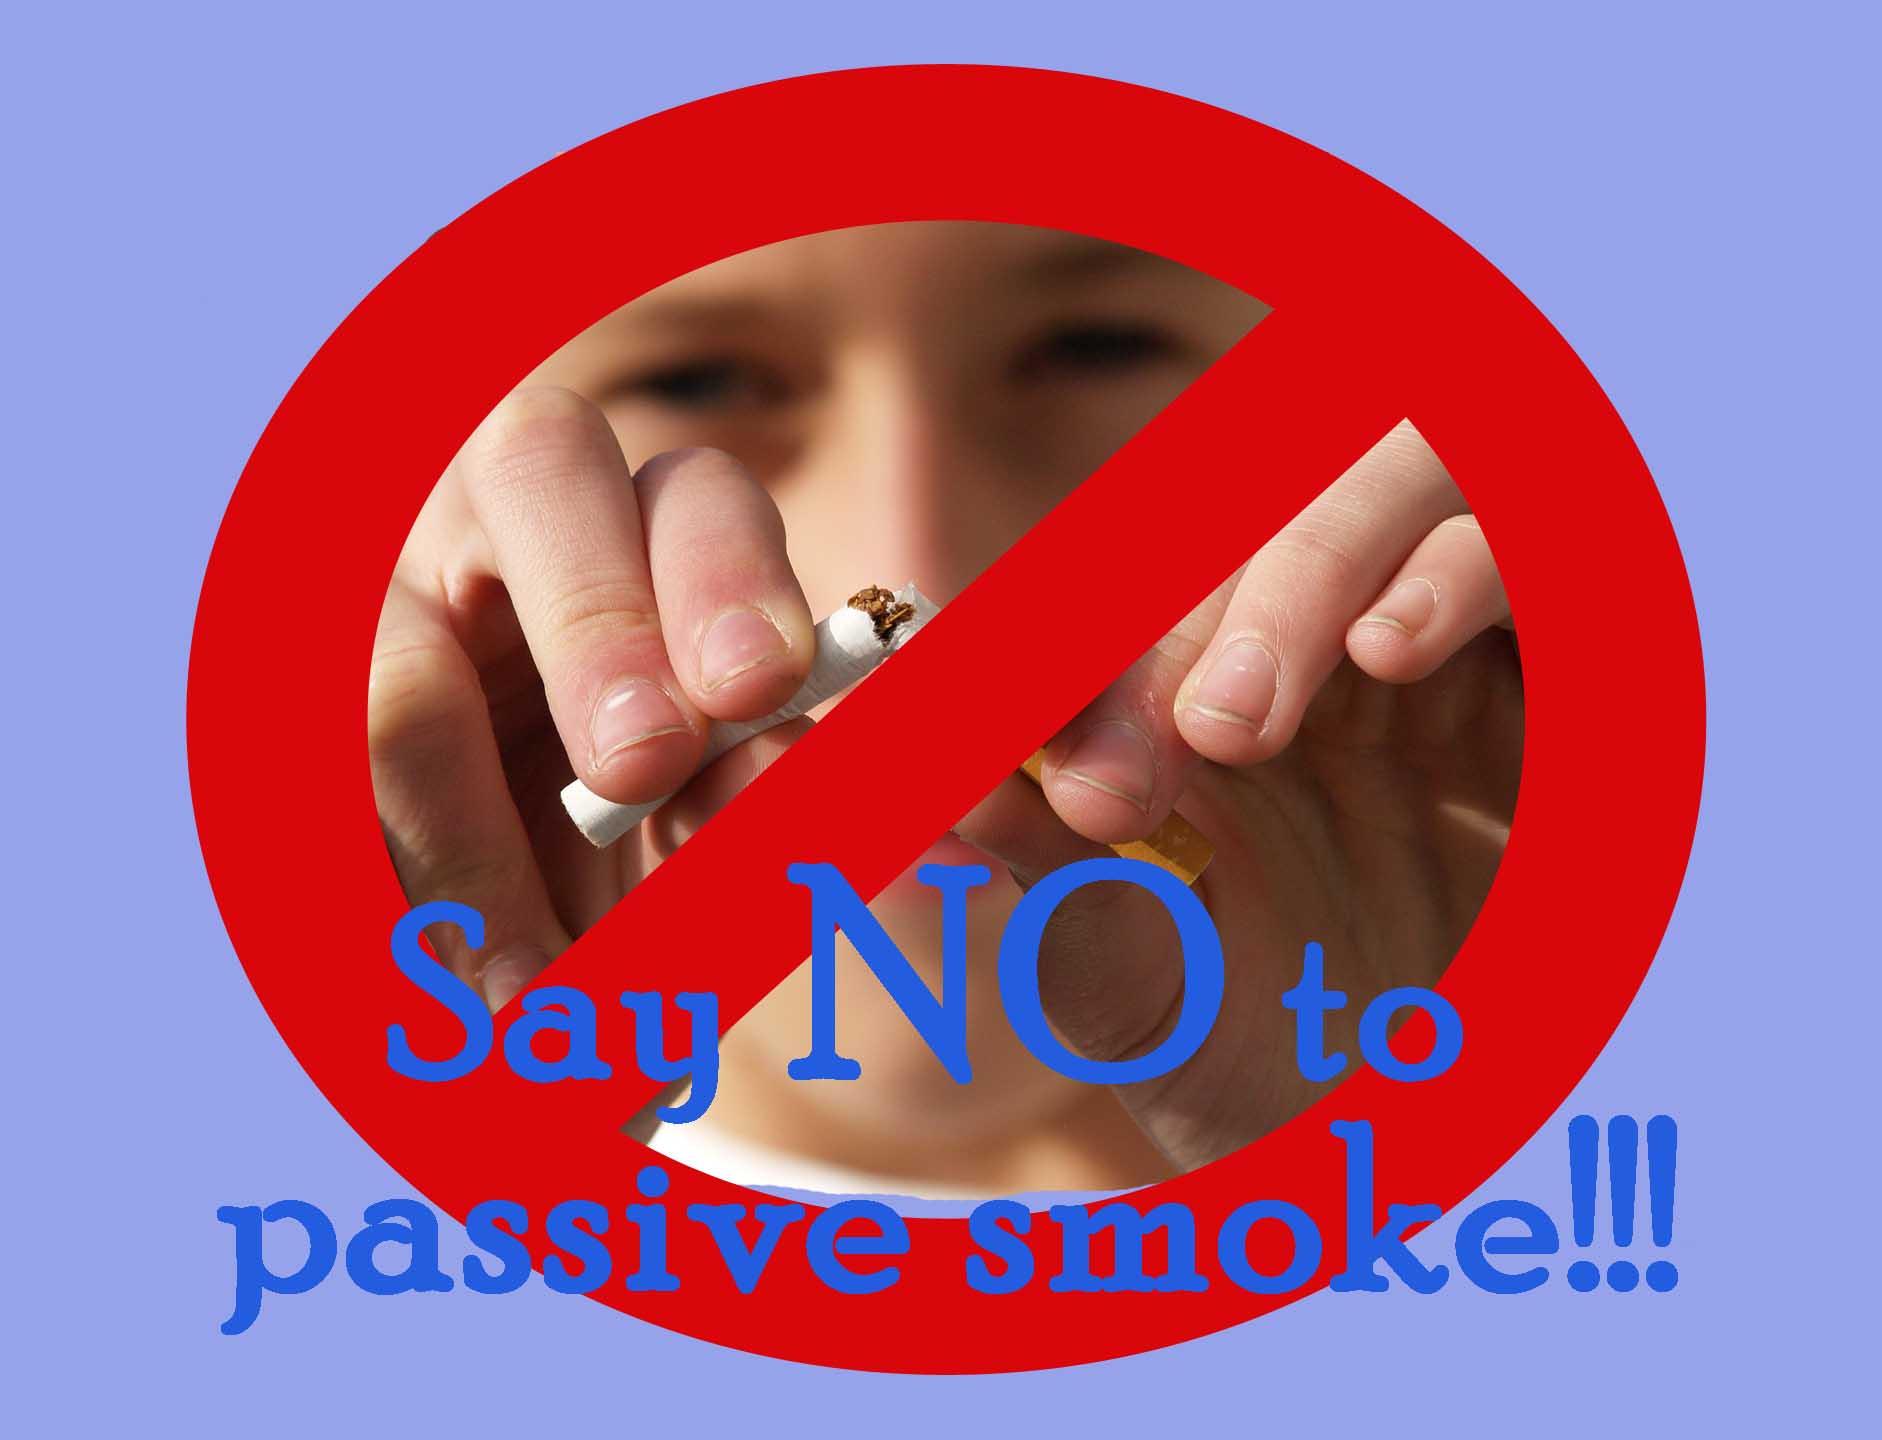 say-no-to-passive-smoke